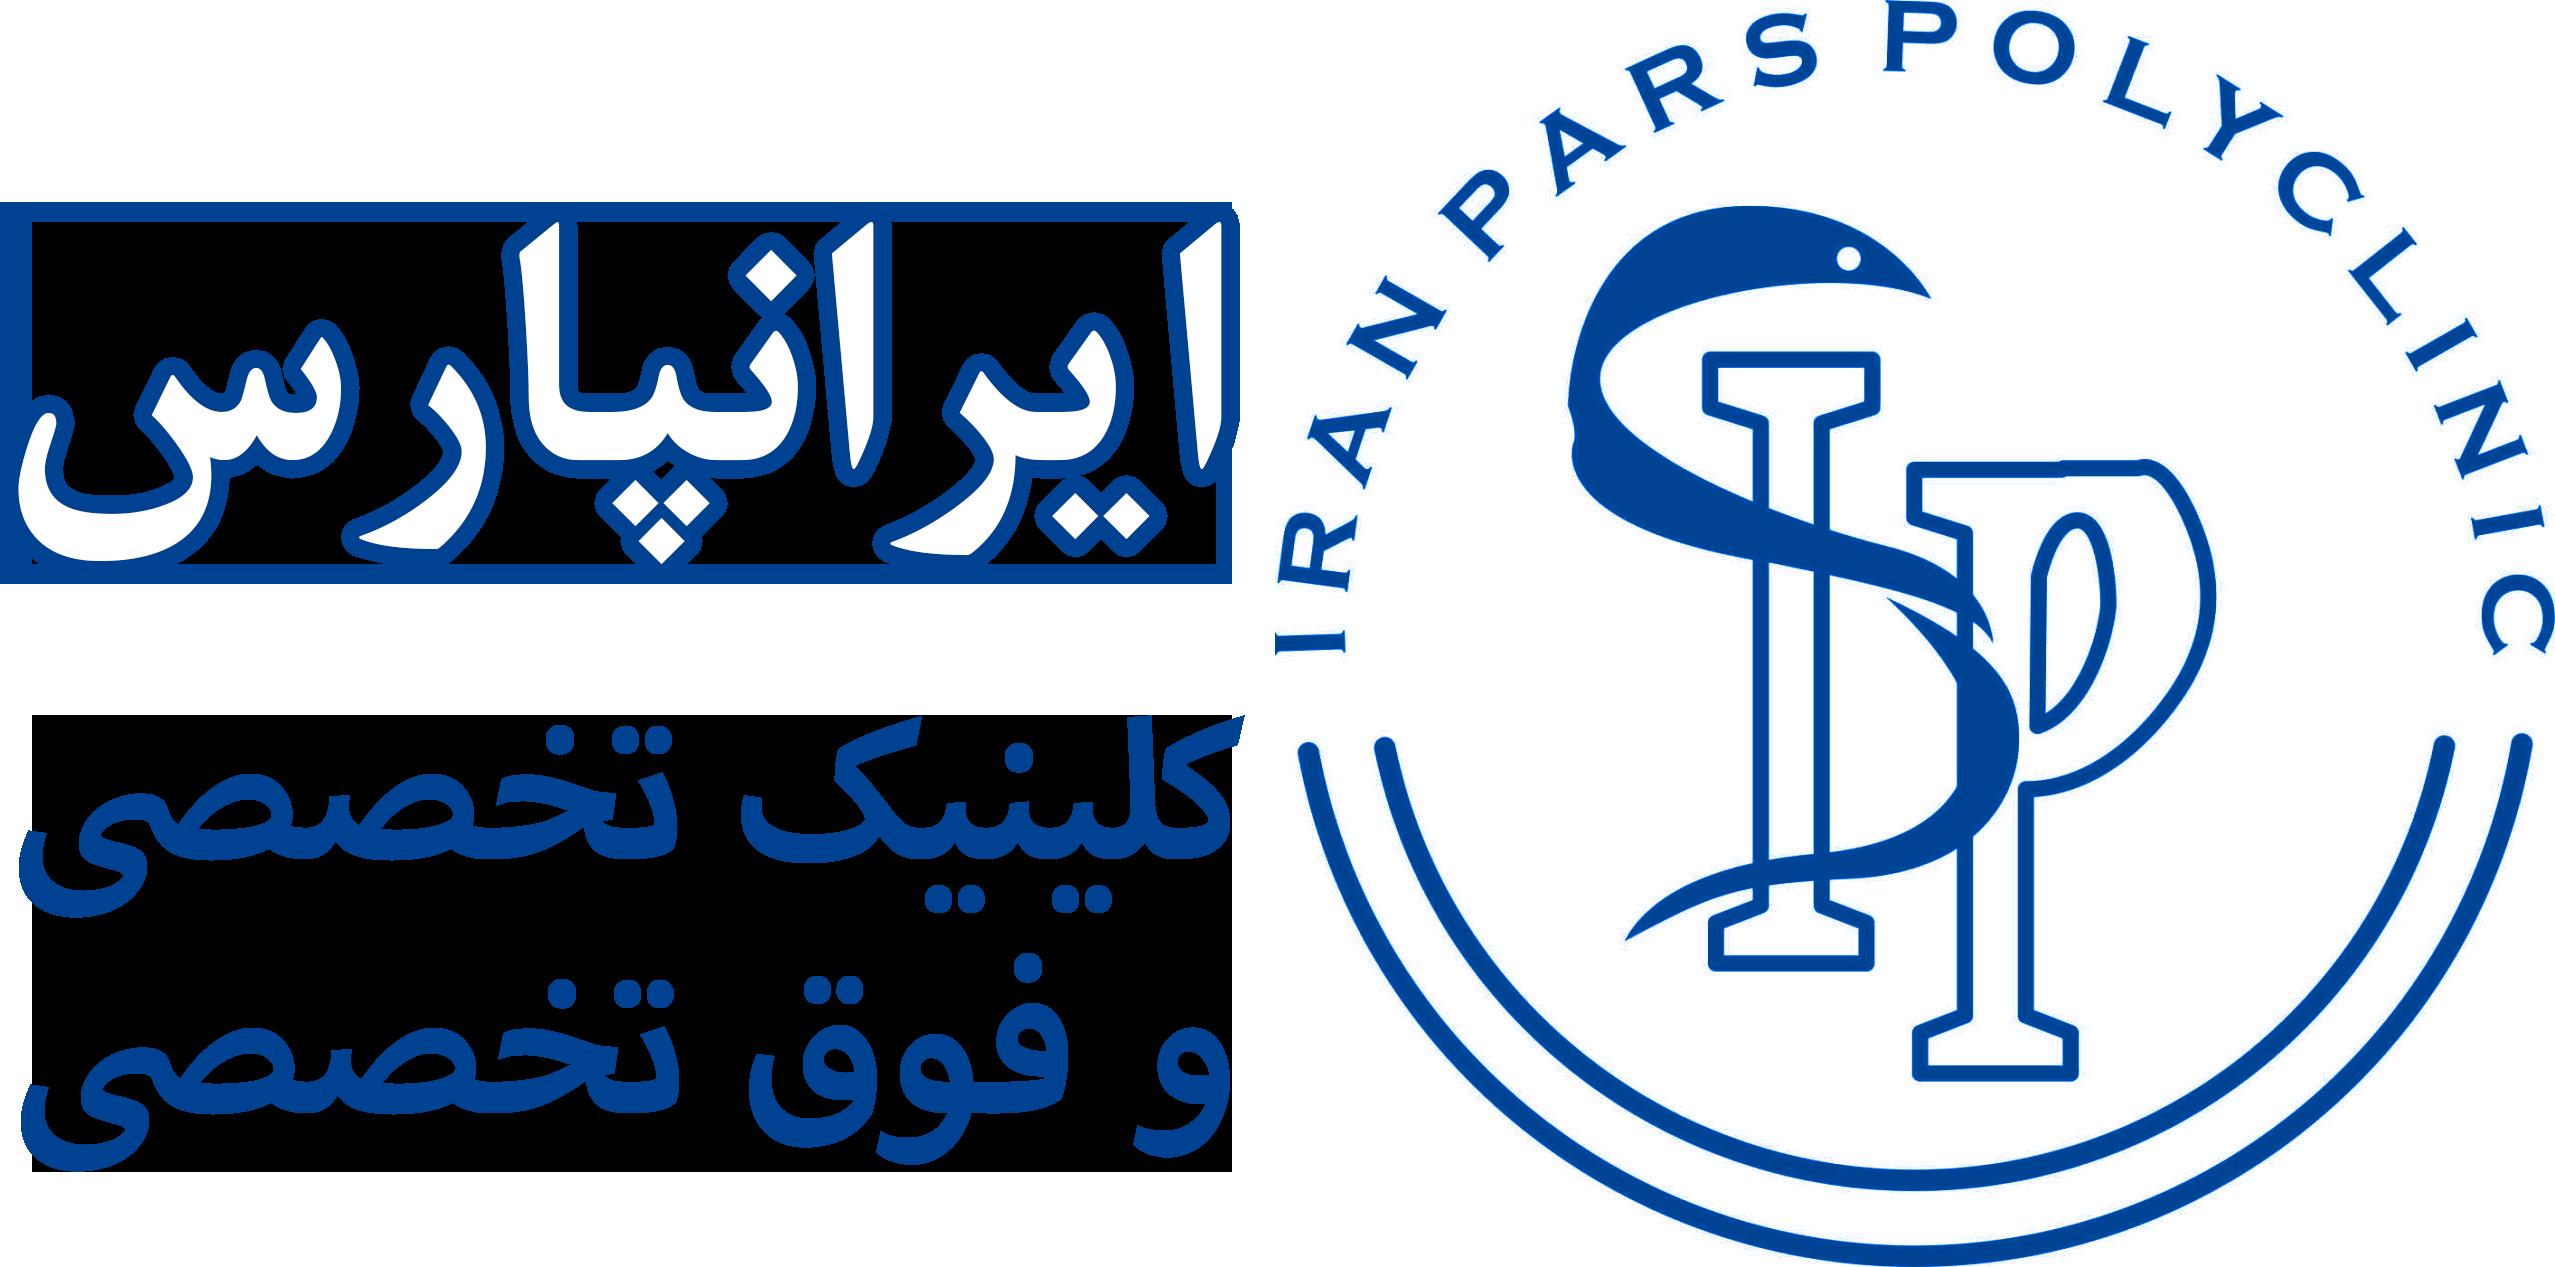 پلیکلینیک تخصصی و فوق تخصصی ایرانپارس